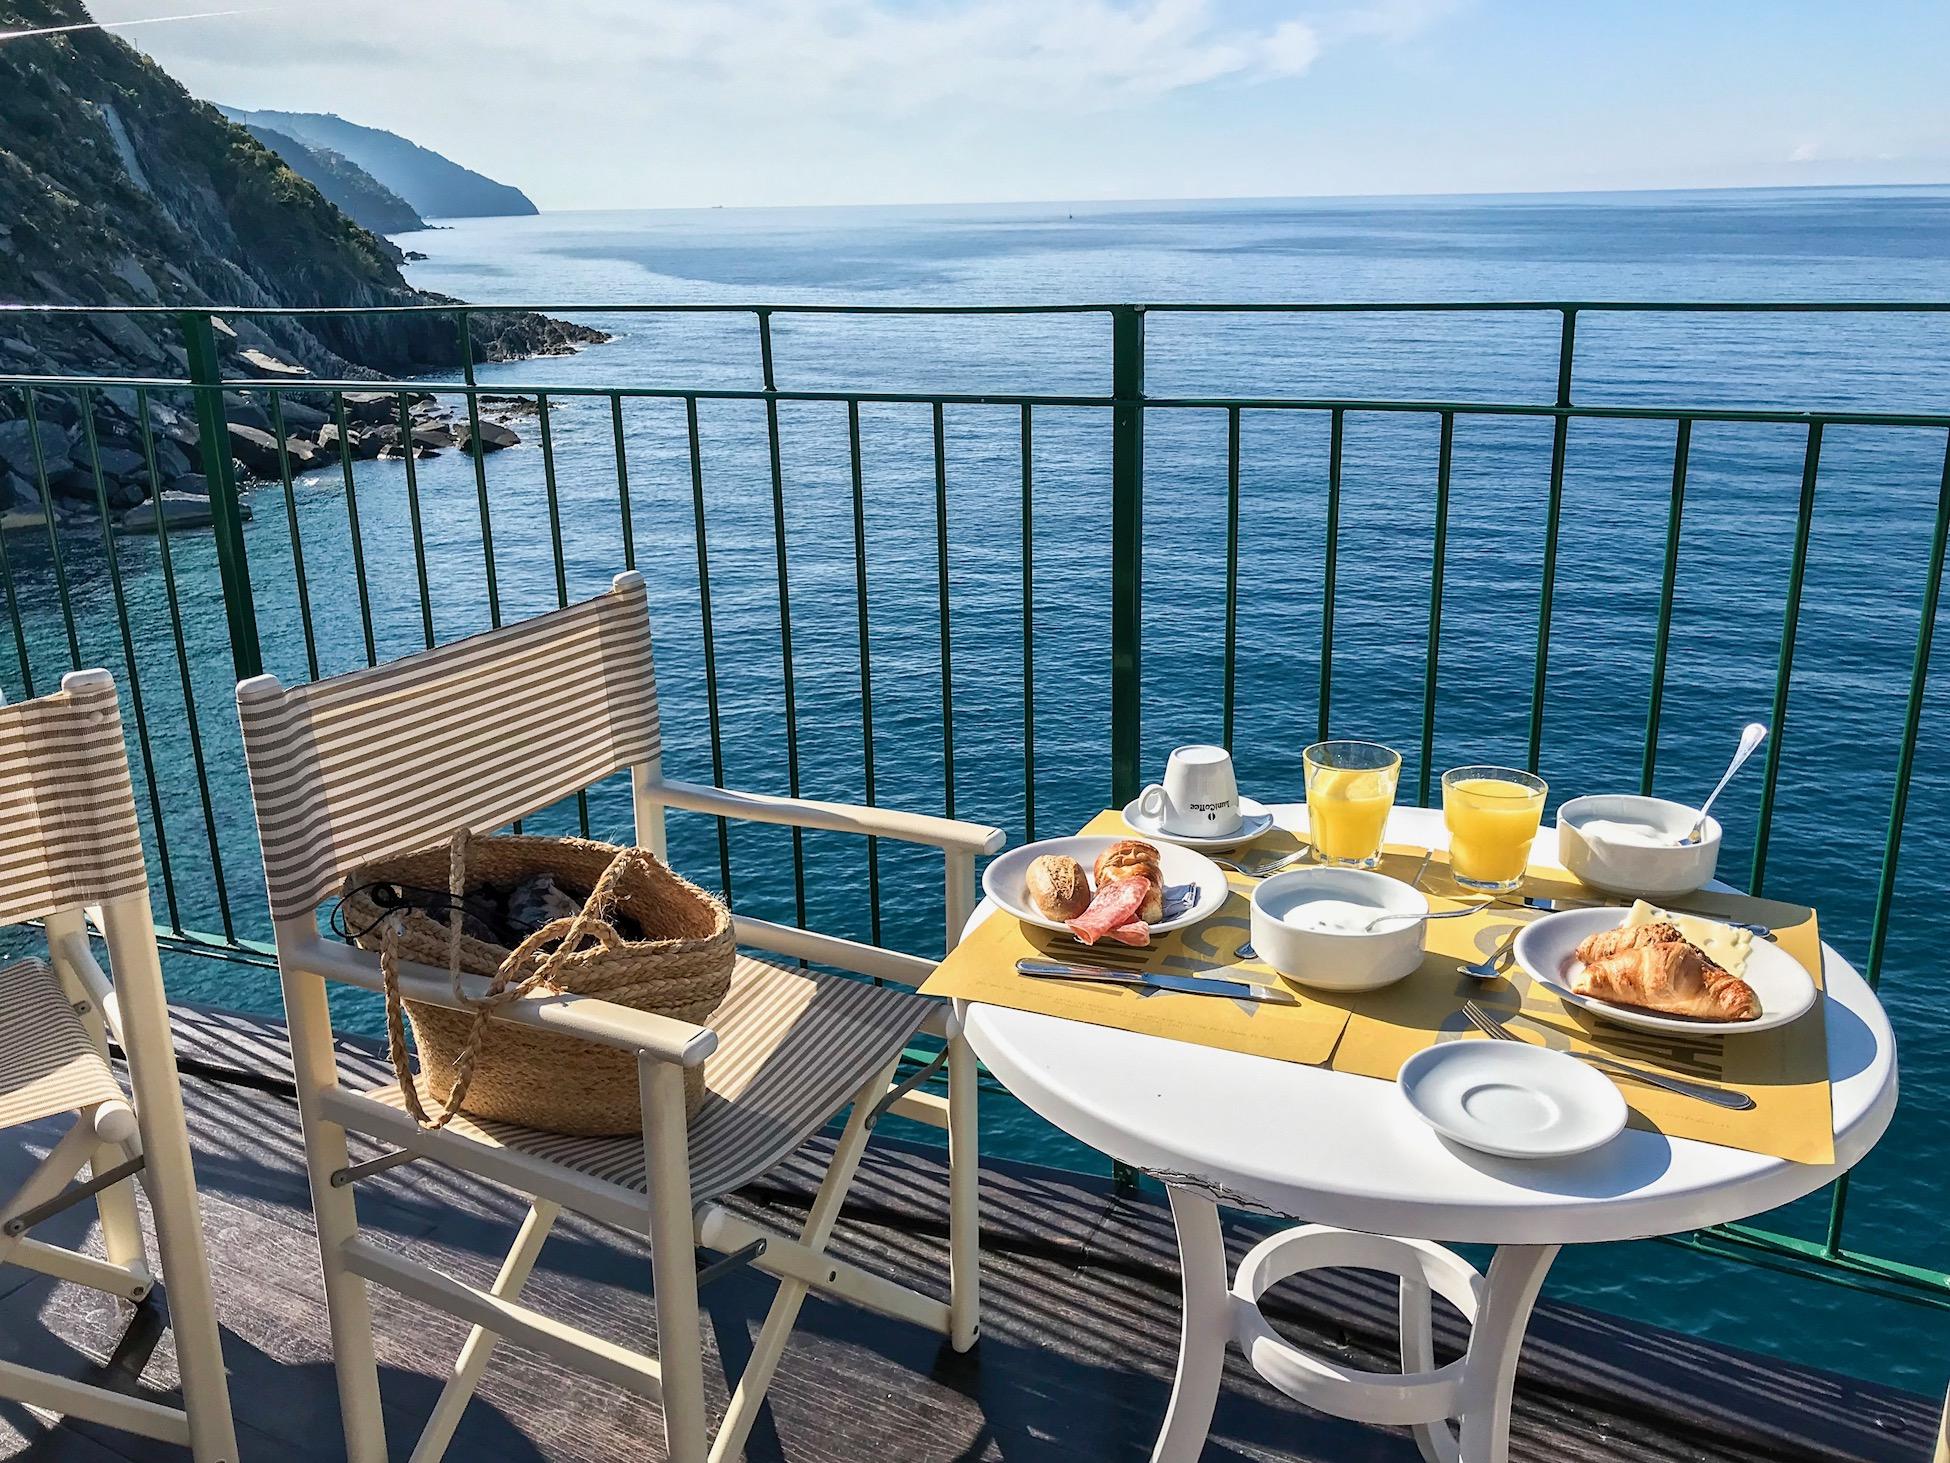 Zo wordt het ontbijt geserveerd op het terras, met fenomenaal uitzicht over zee.